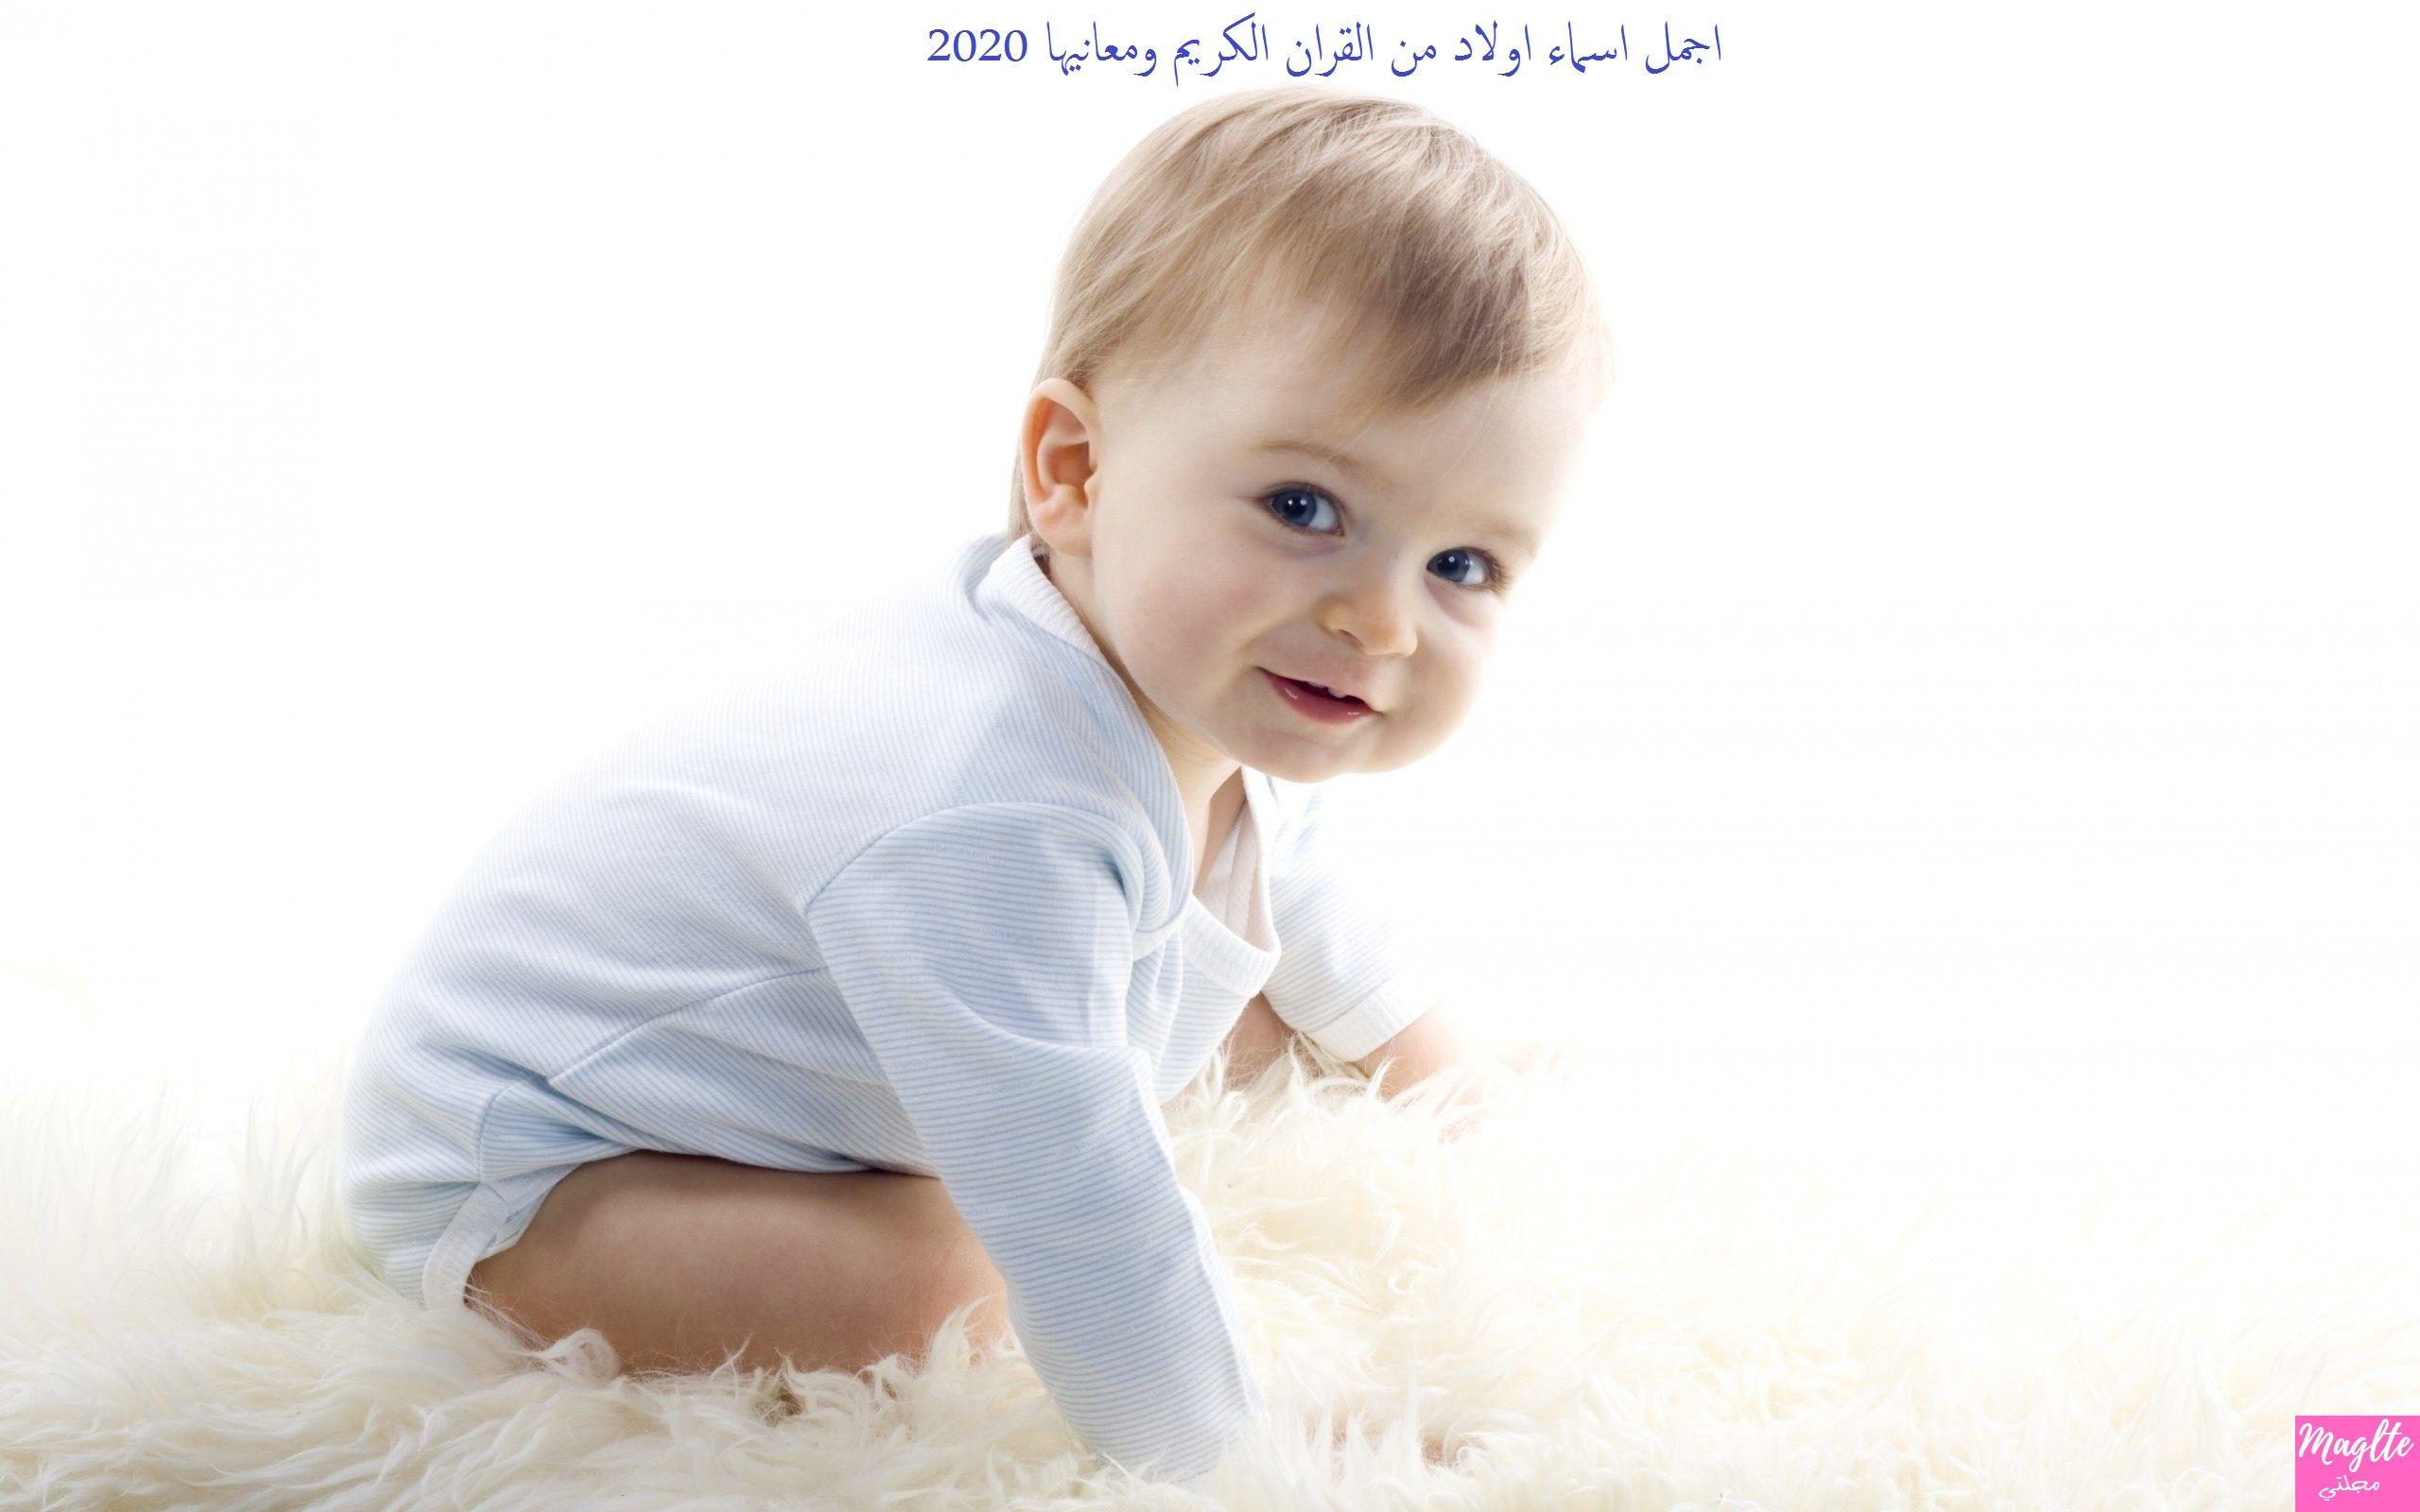 اجمل اسماء اولاد من القران الكريم والصحابة و السنة ومعانيها 2020 Baby Wallpaper Cute Baby Boy Hindu Baby Boy Names